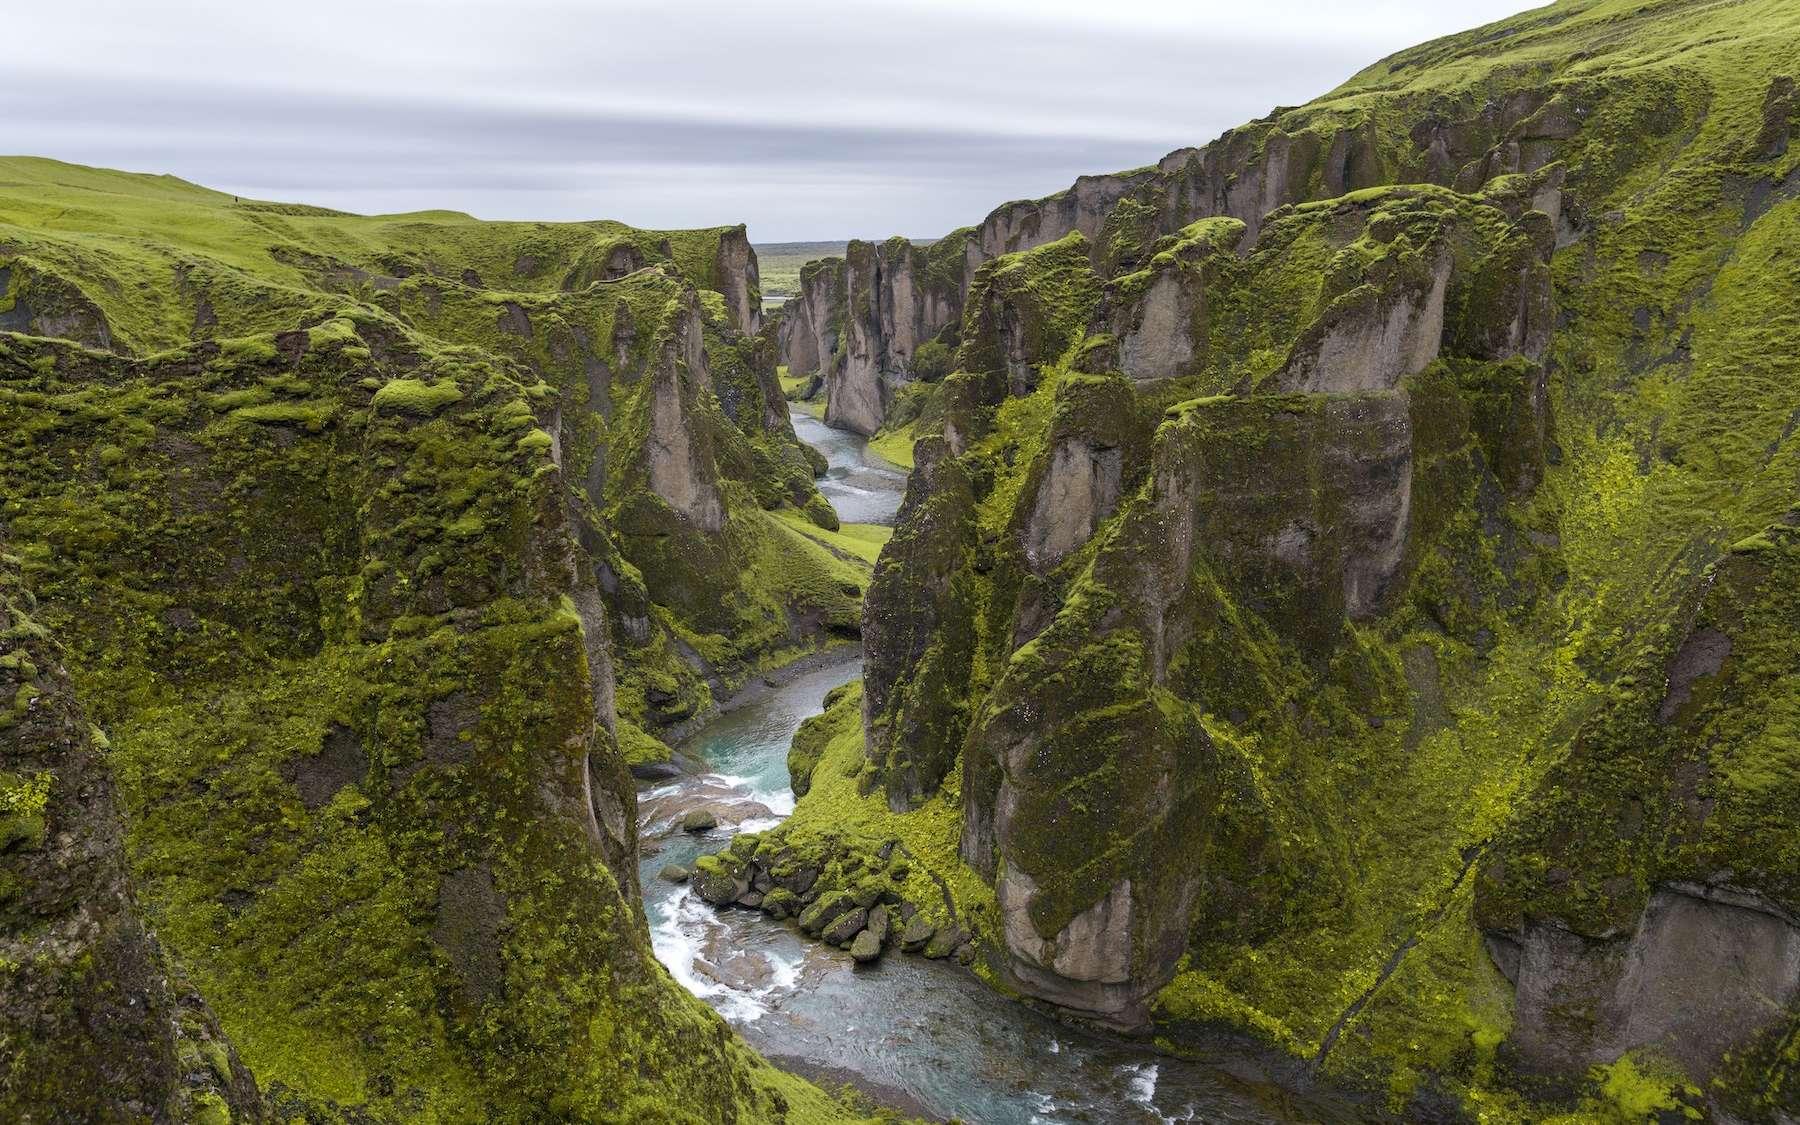 Le canyon de Fjaðrárgljúfur en Islande. © Serey Morm, Unsplash